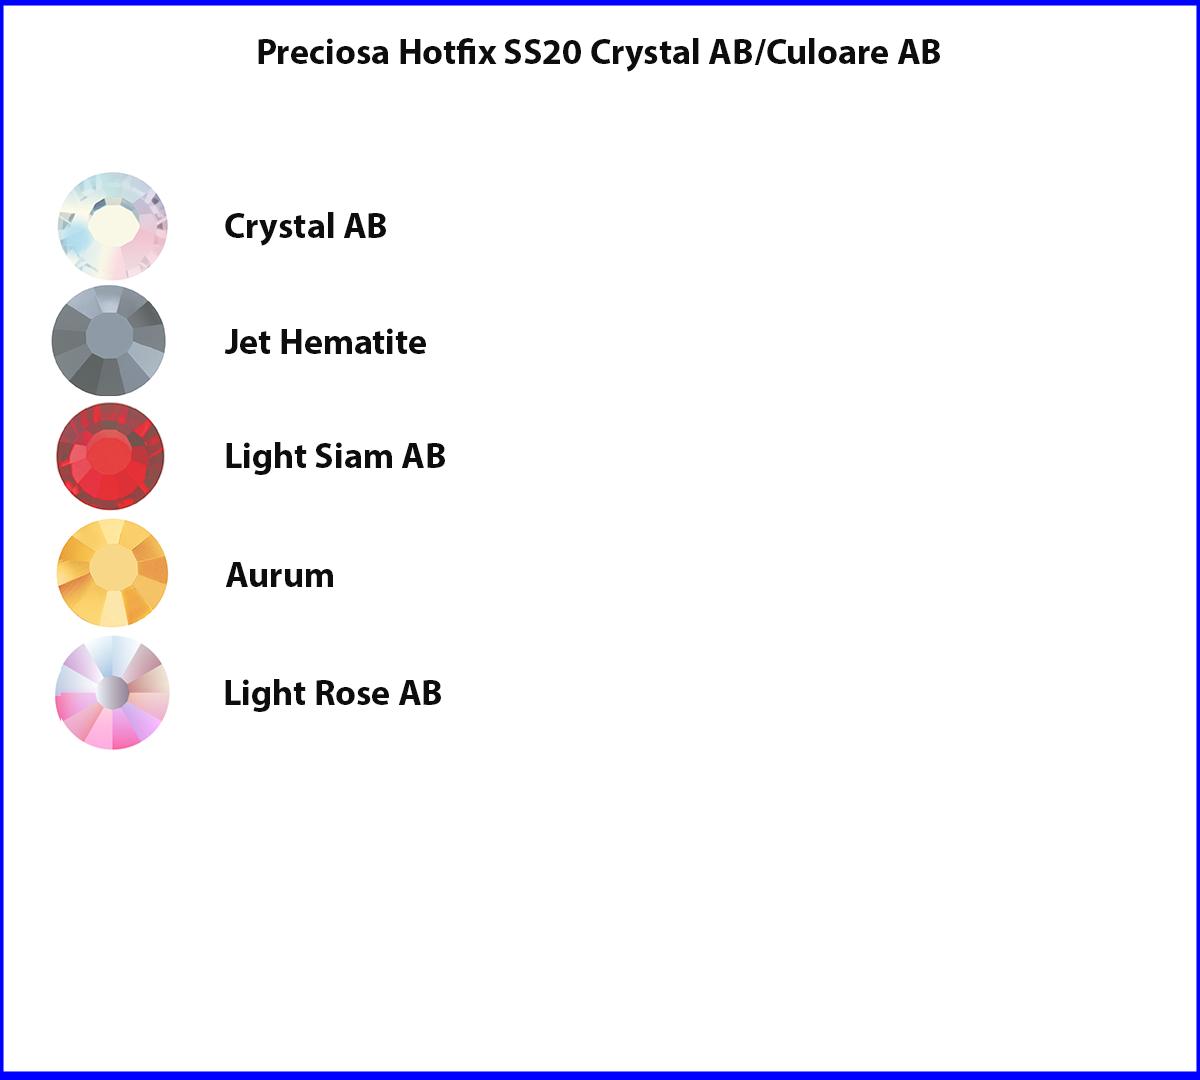 Preciosa Hotfix SS20 Culoare AB/Crystal AB